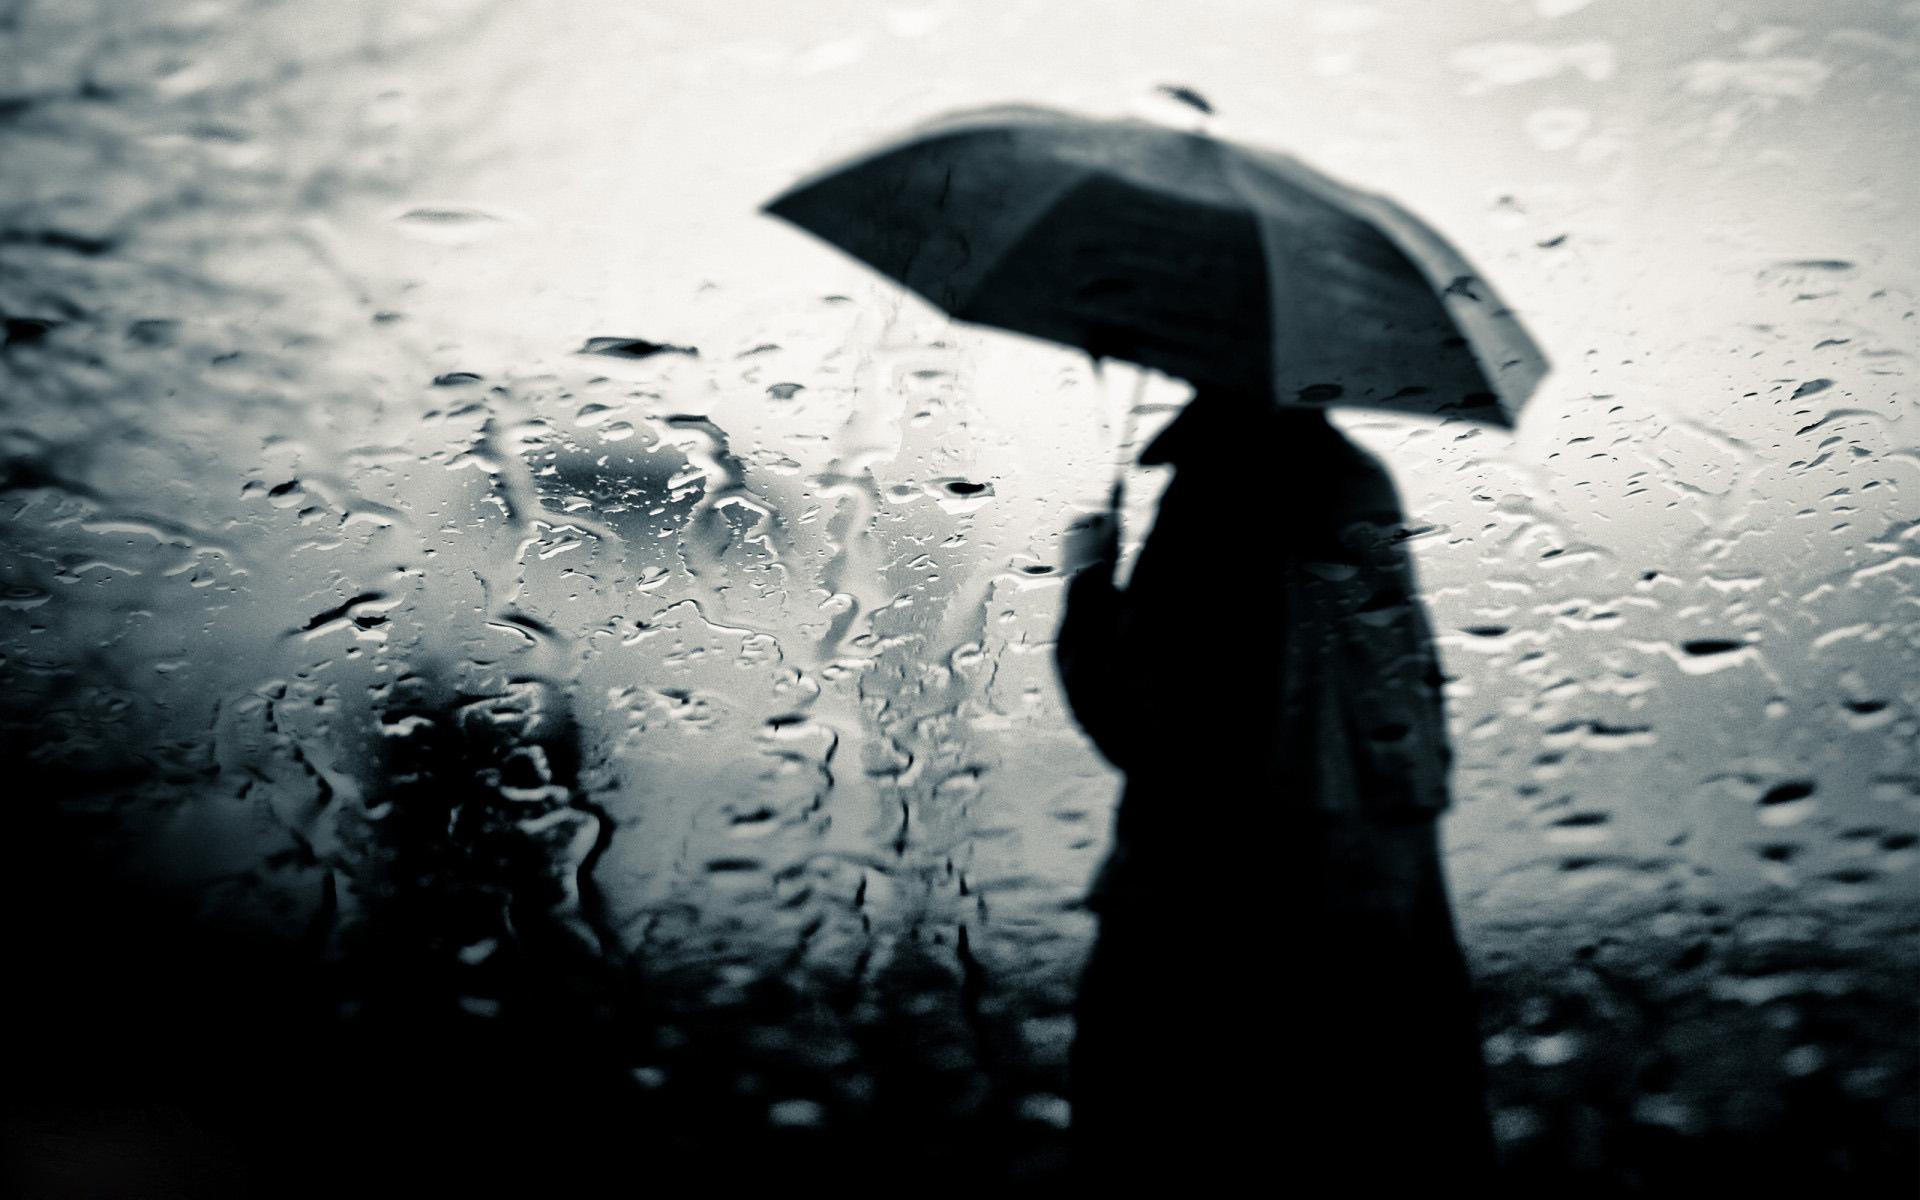 З п'ятниці на Київщині почнеться похолодання, а «мінуси» – на вихідних - прогноз погоди, погода - 13 pogoda3